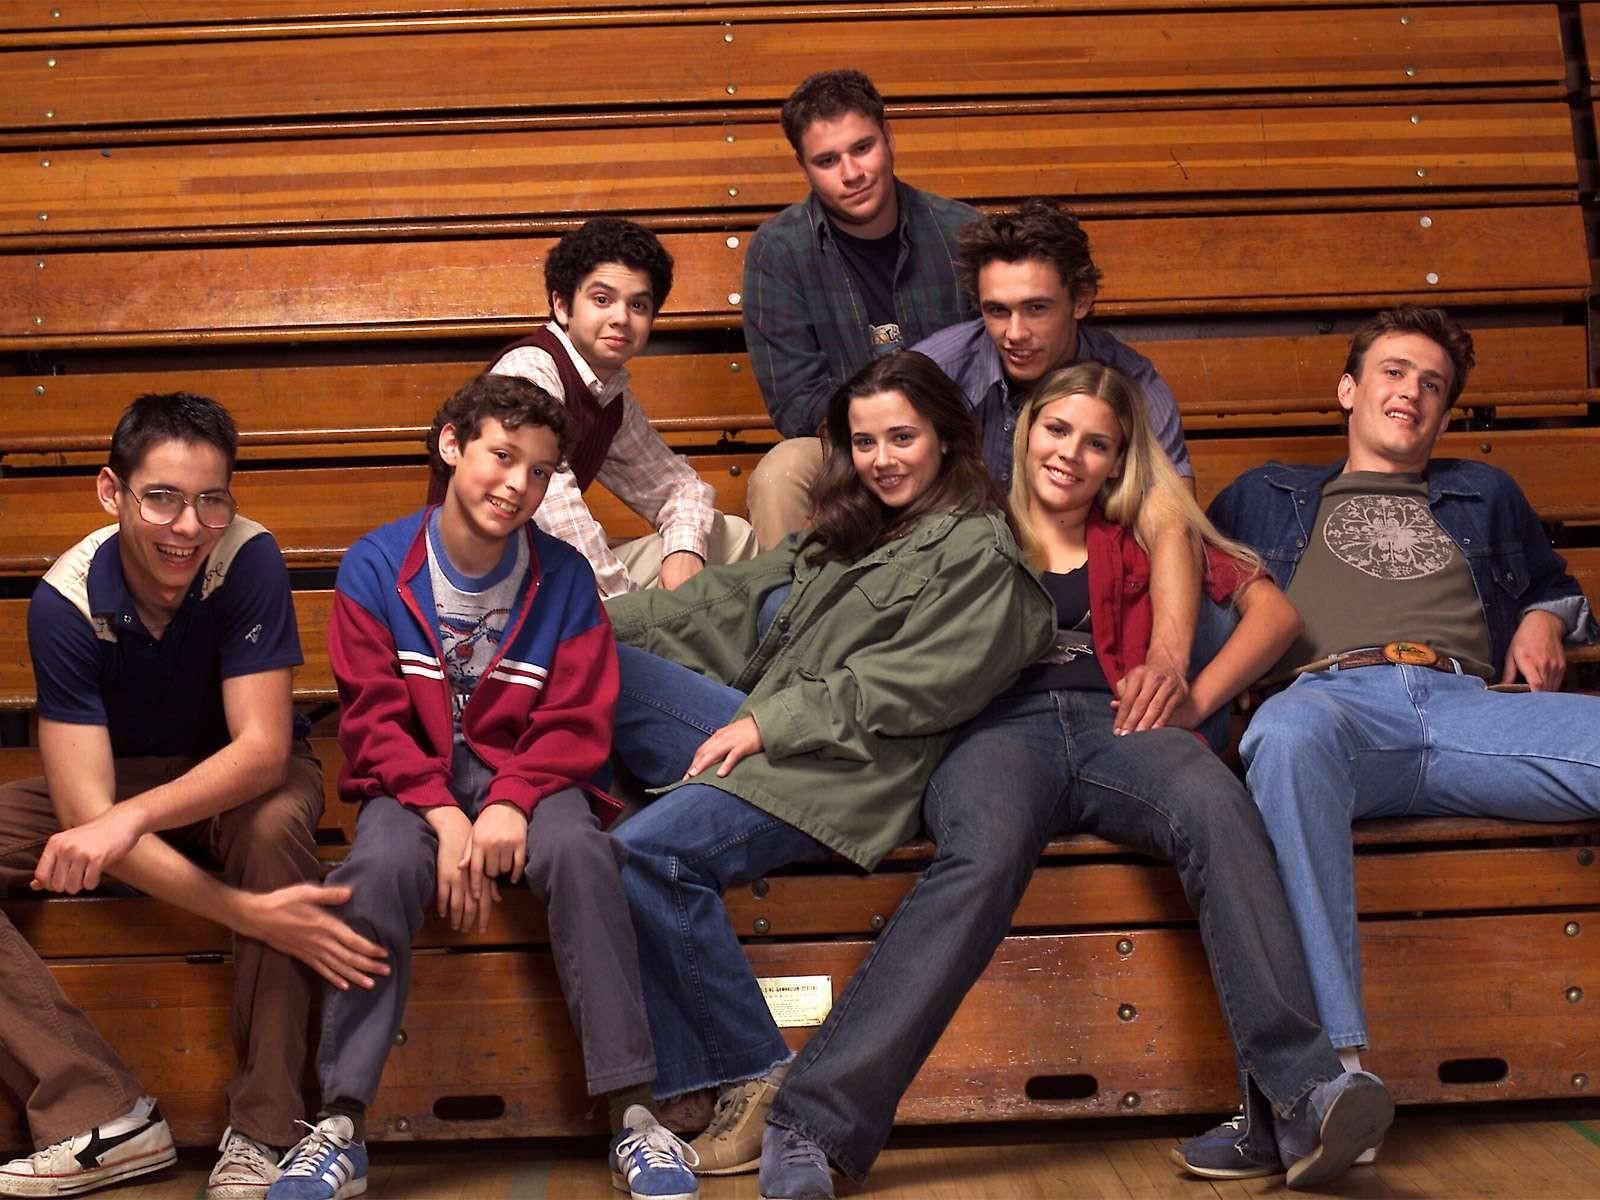 James Franco e Busy Philipps com seus colegas de elenco da série Freaks and Geeks (1999-2000) (Foto: Reprodução)